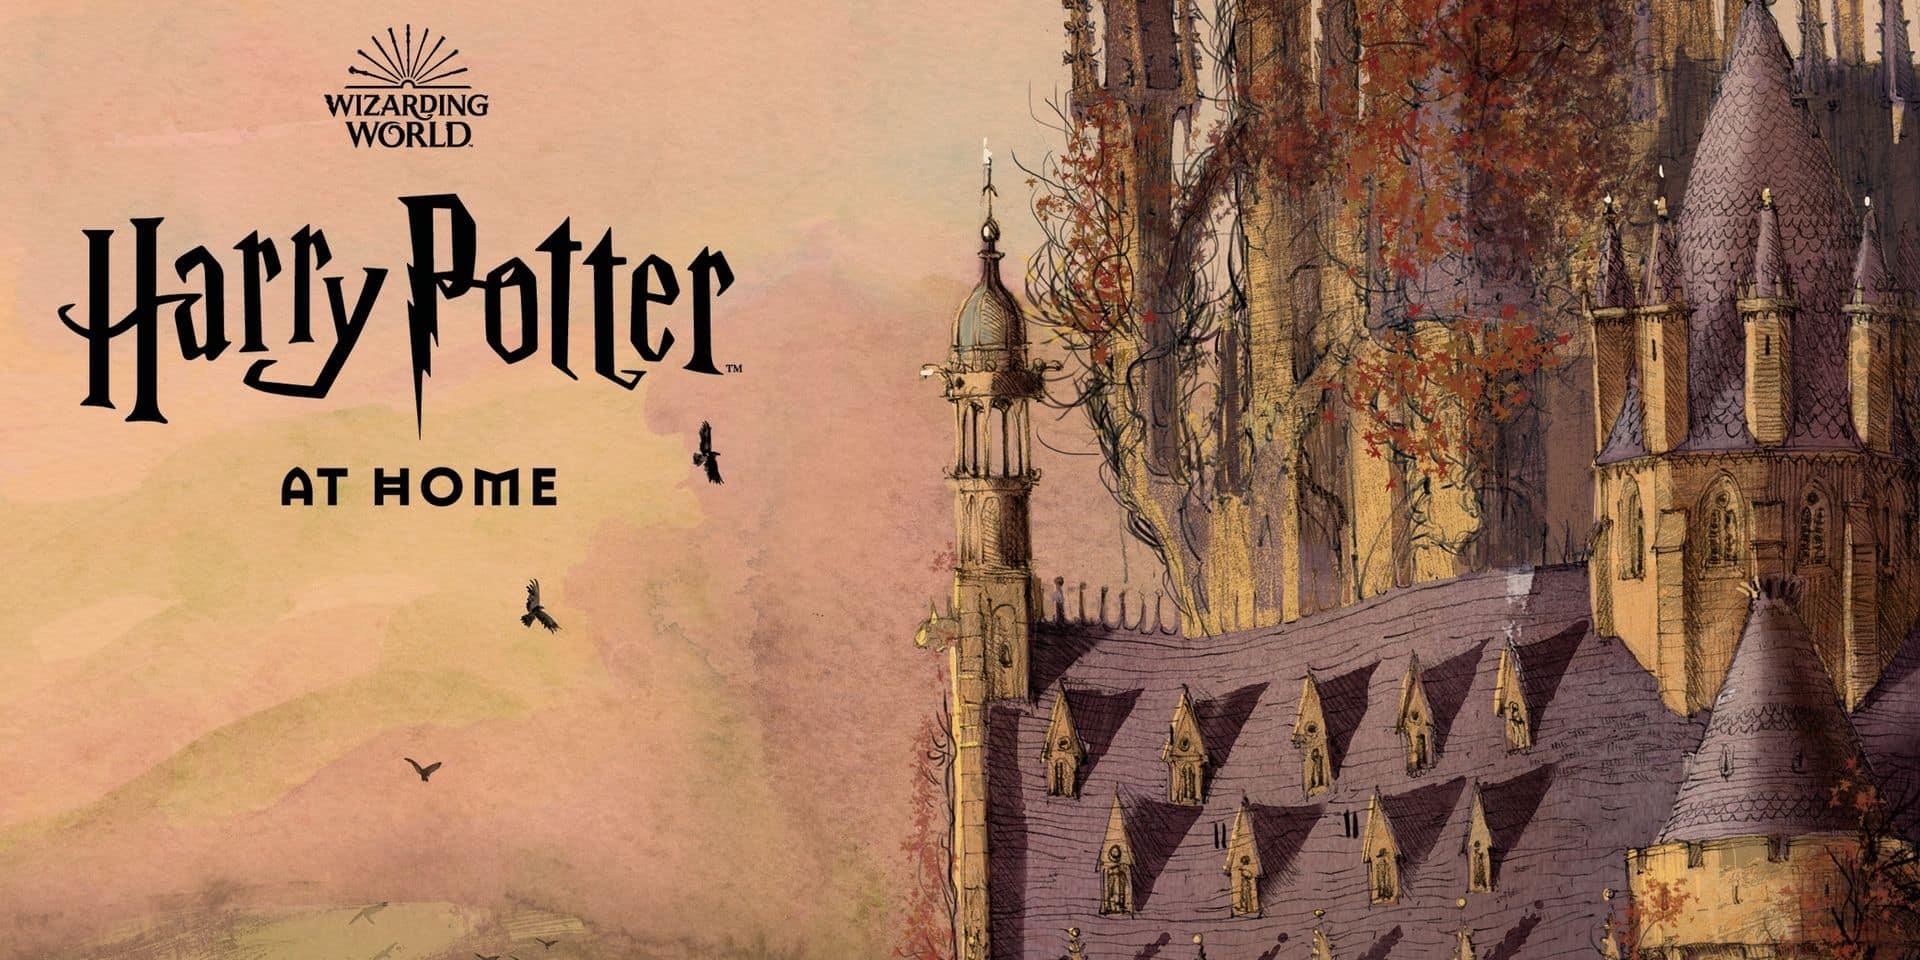 Ajoutez un peu de magie à votre confinement grâce à Harry Potter